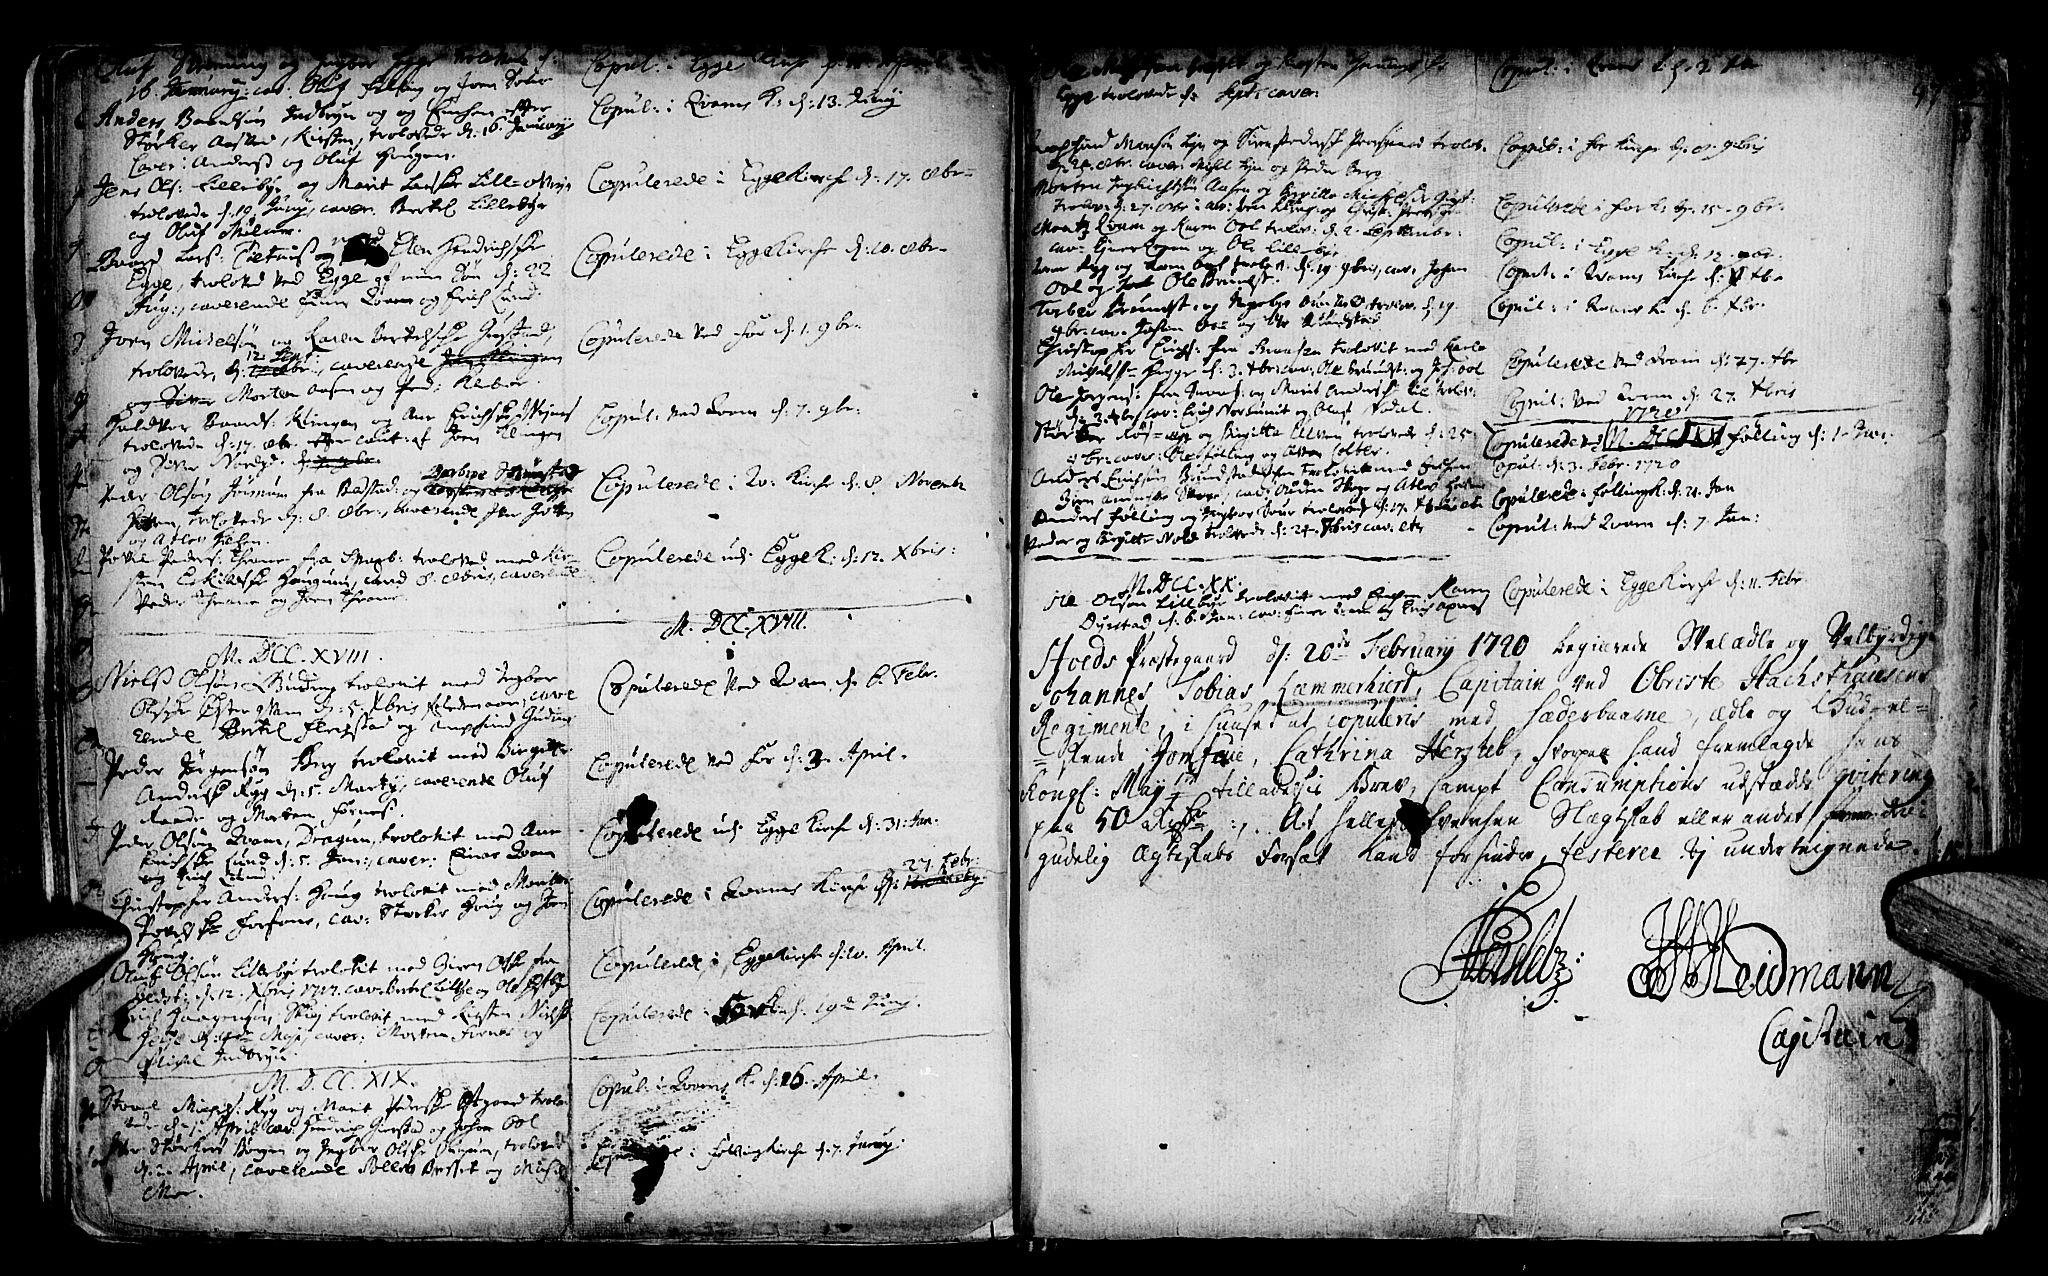 SAT, Ministerialprotokoller, klokkerbøker og fødselsregistre - Nord-Trøndelag, 746/L0439: Ministerialbok nr. 746A01, 1688-1759, s. 97